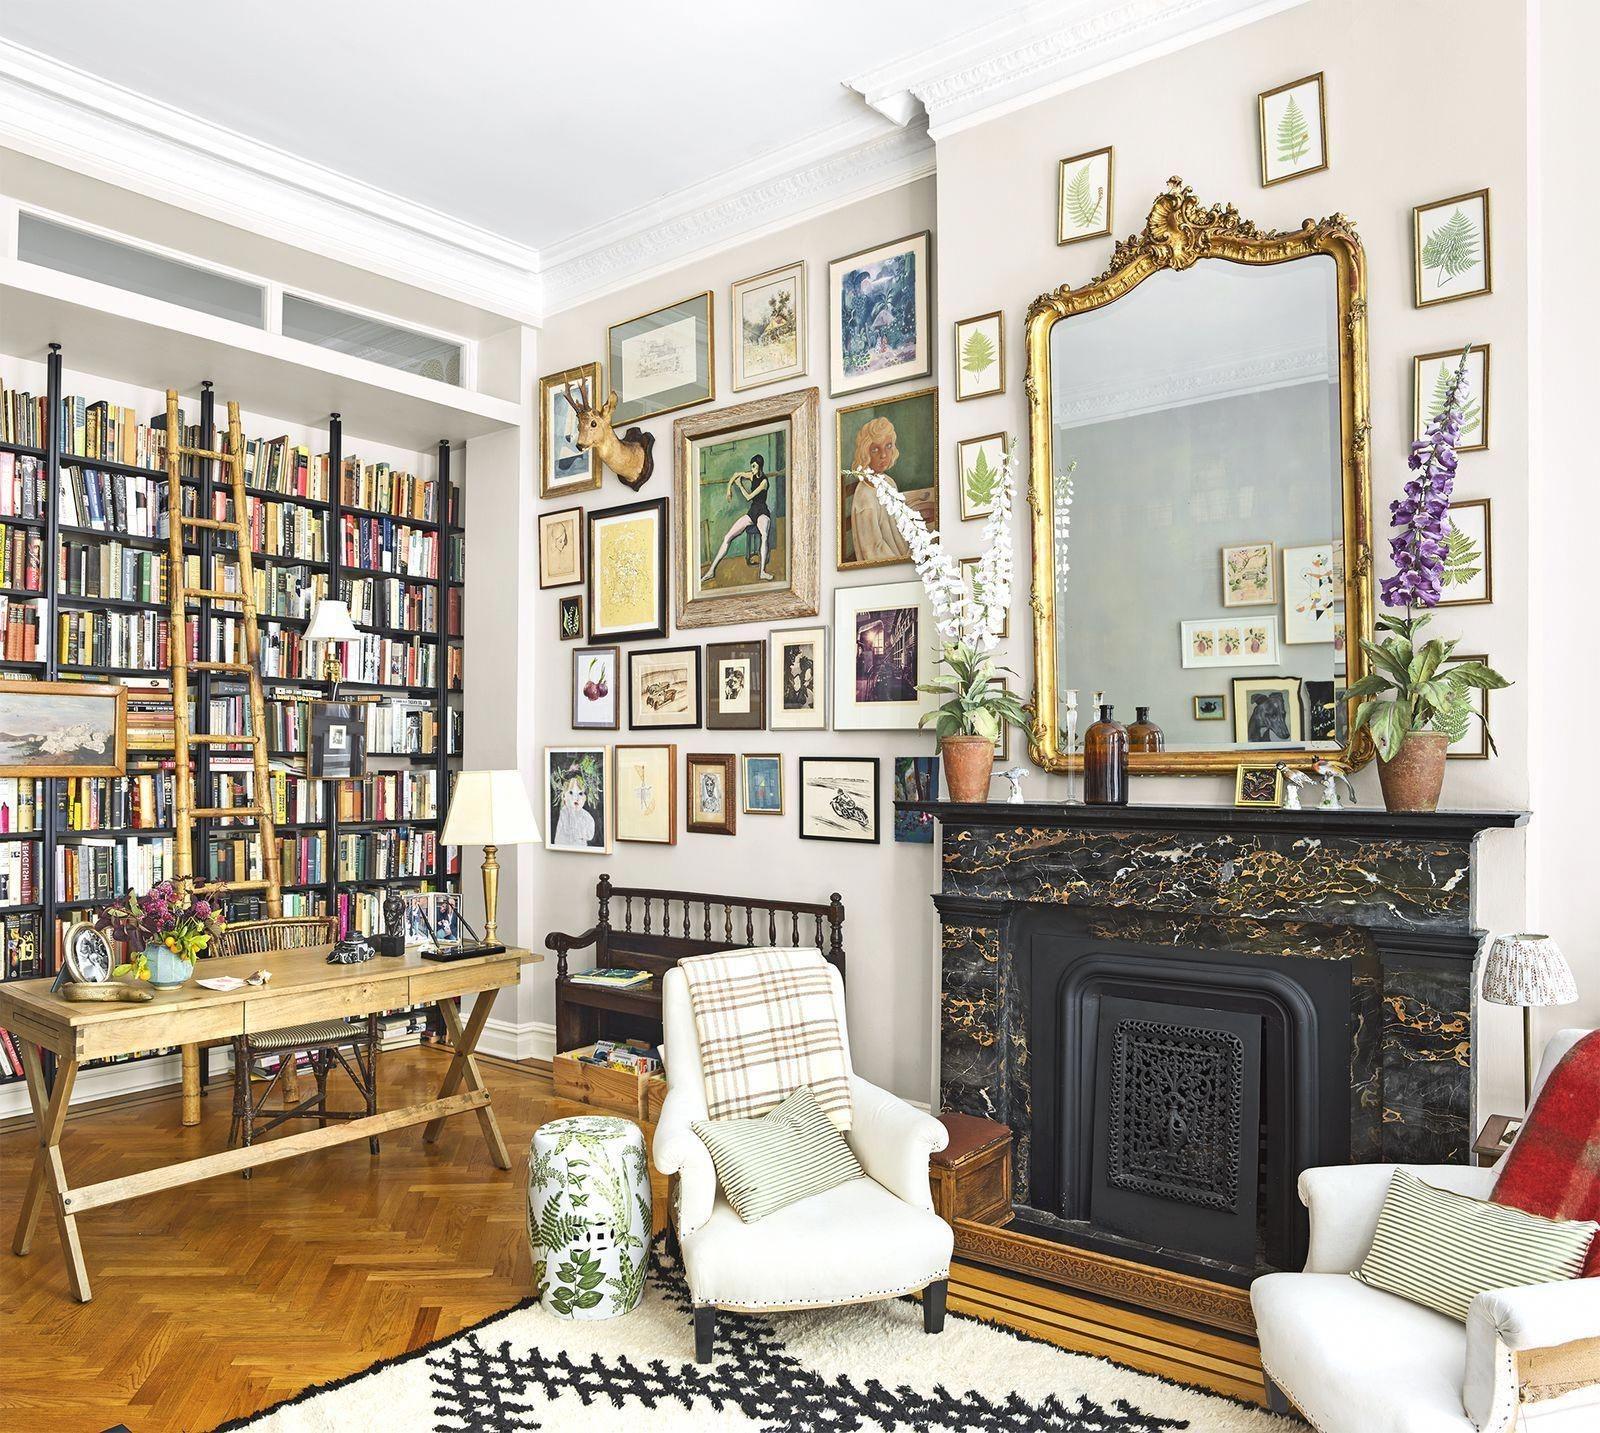 Un coin non utilisé - comme l'espace situé juste à côté d'un foyer - peut facilement être l'endroit idéal pour un bureau dans le salon.